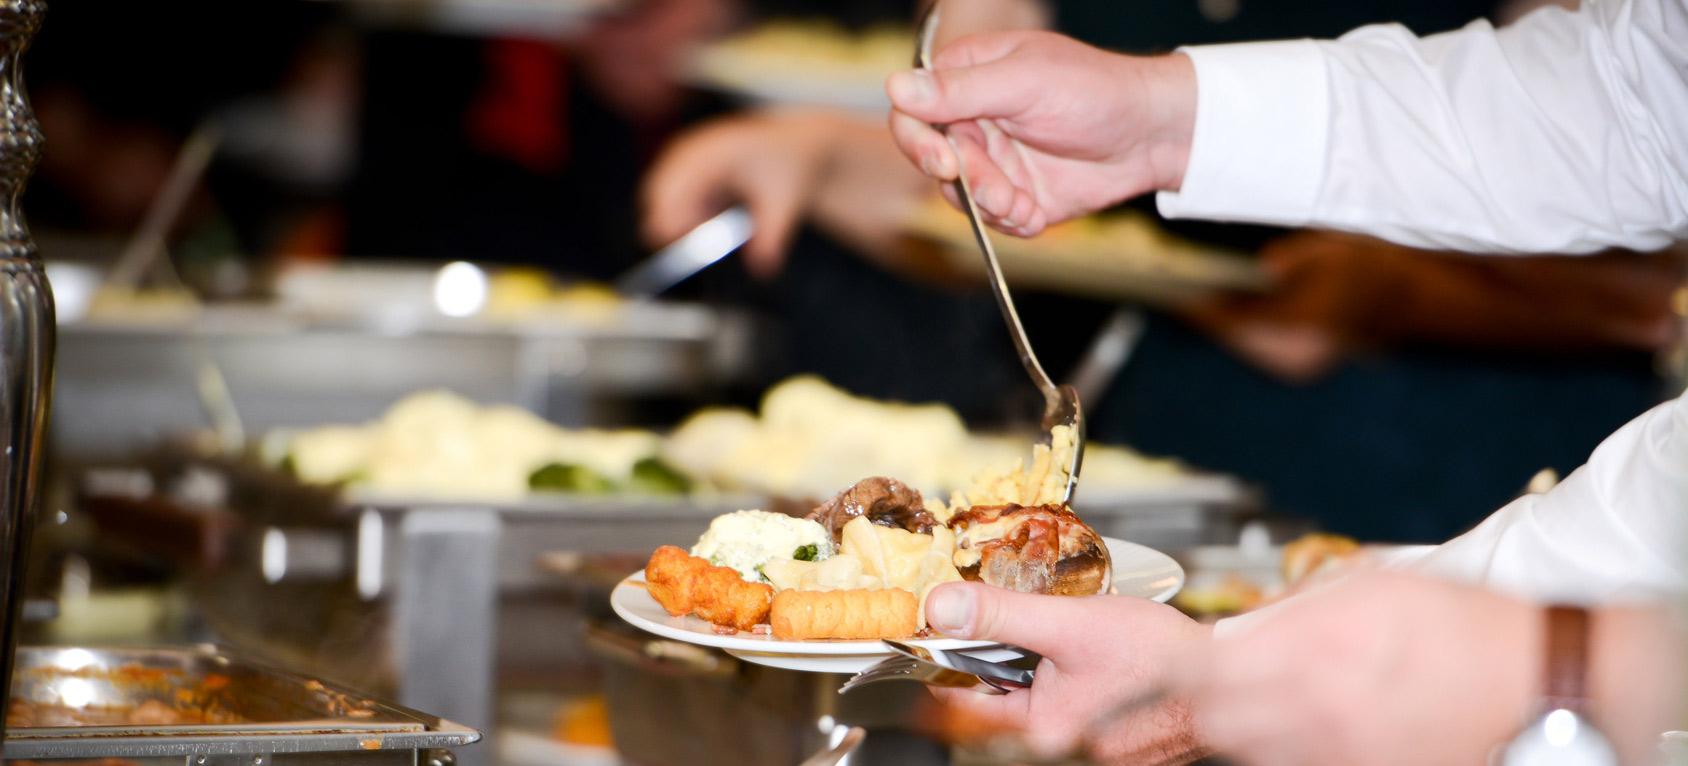 Partyservice Müller Unser Speisen Angebot Erstellen Sie Ihr Menü